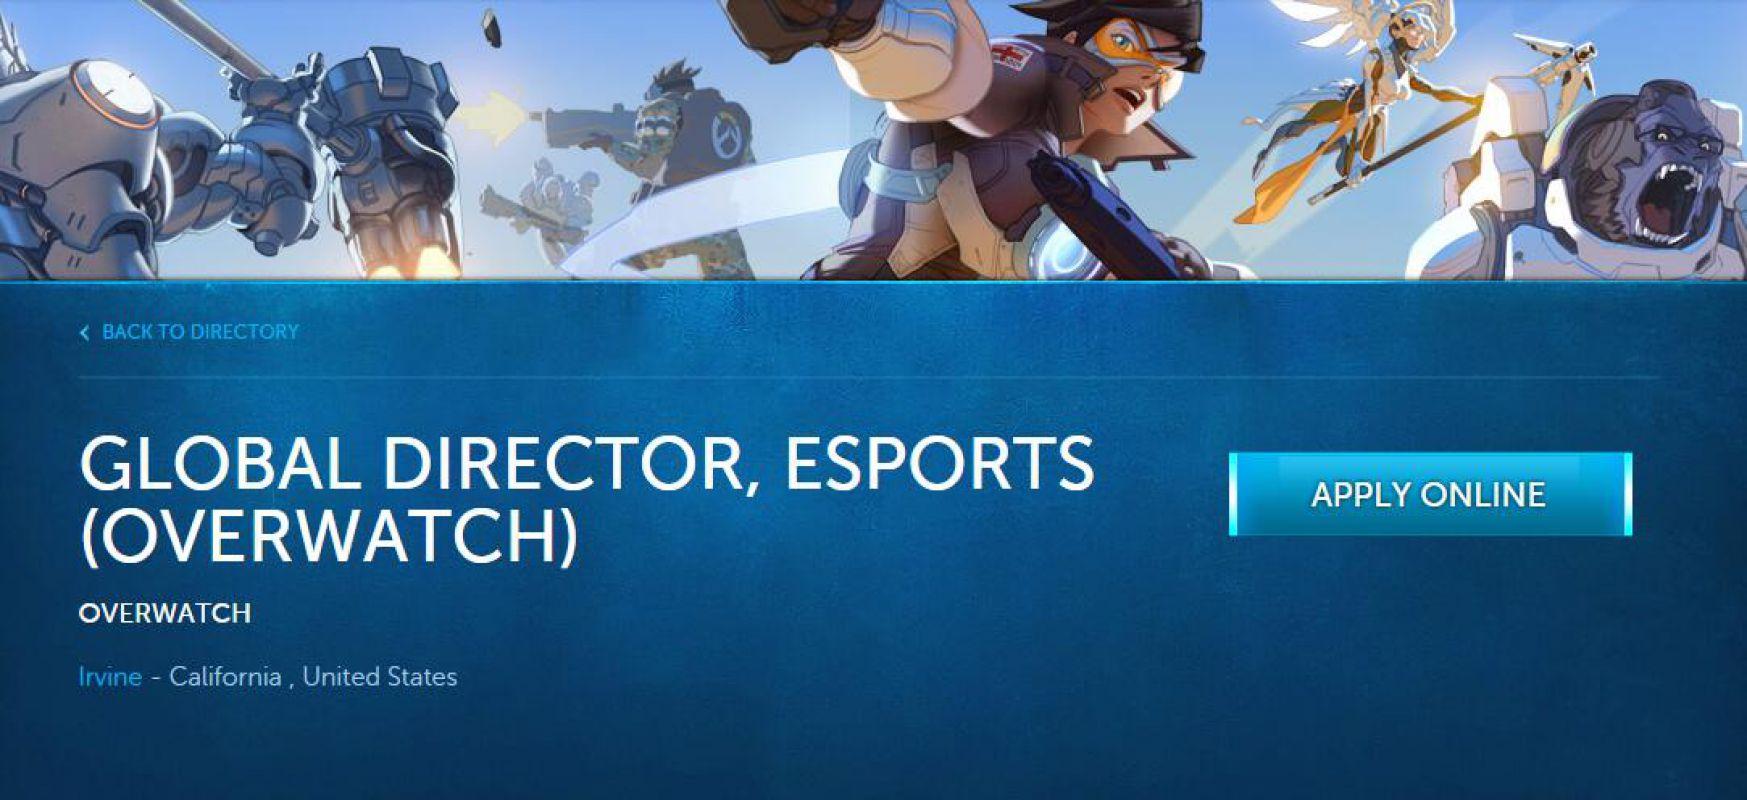 Blizzard ищет разработчика для игры от первого лица